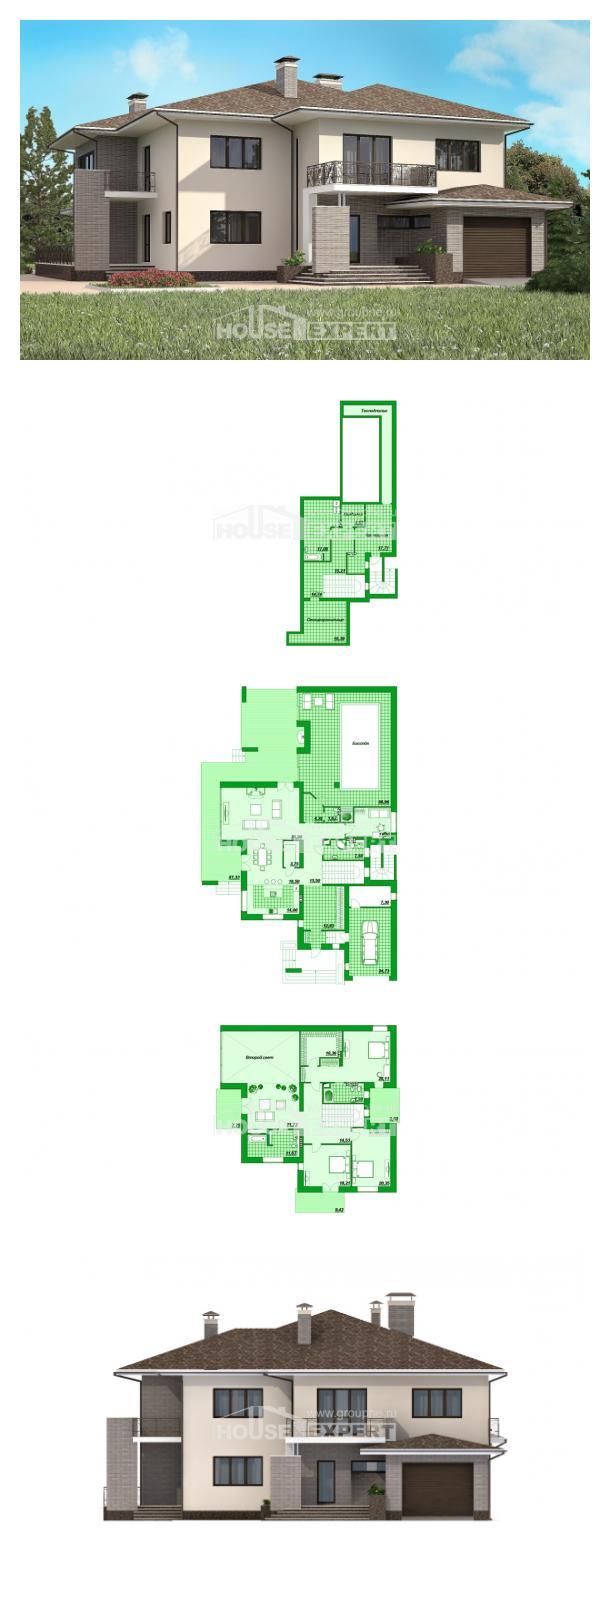 Plan 500-001-R | House Expert